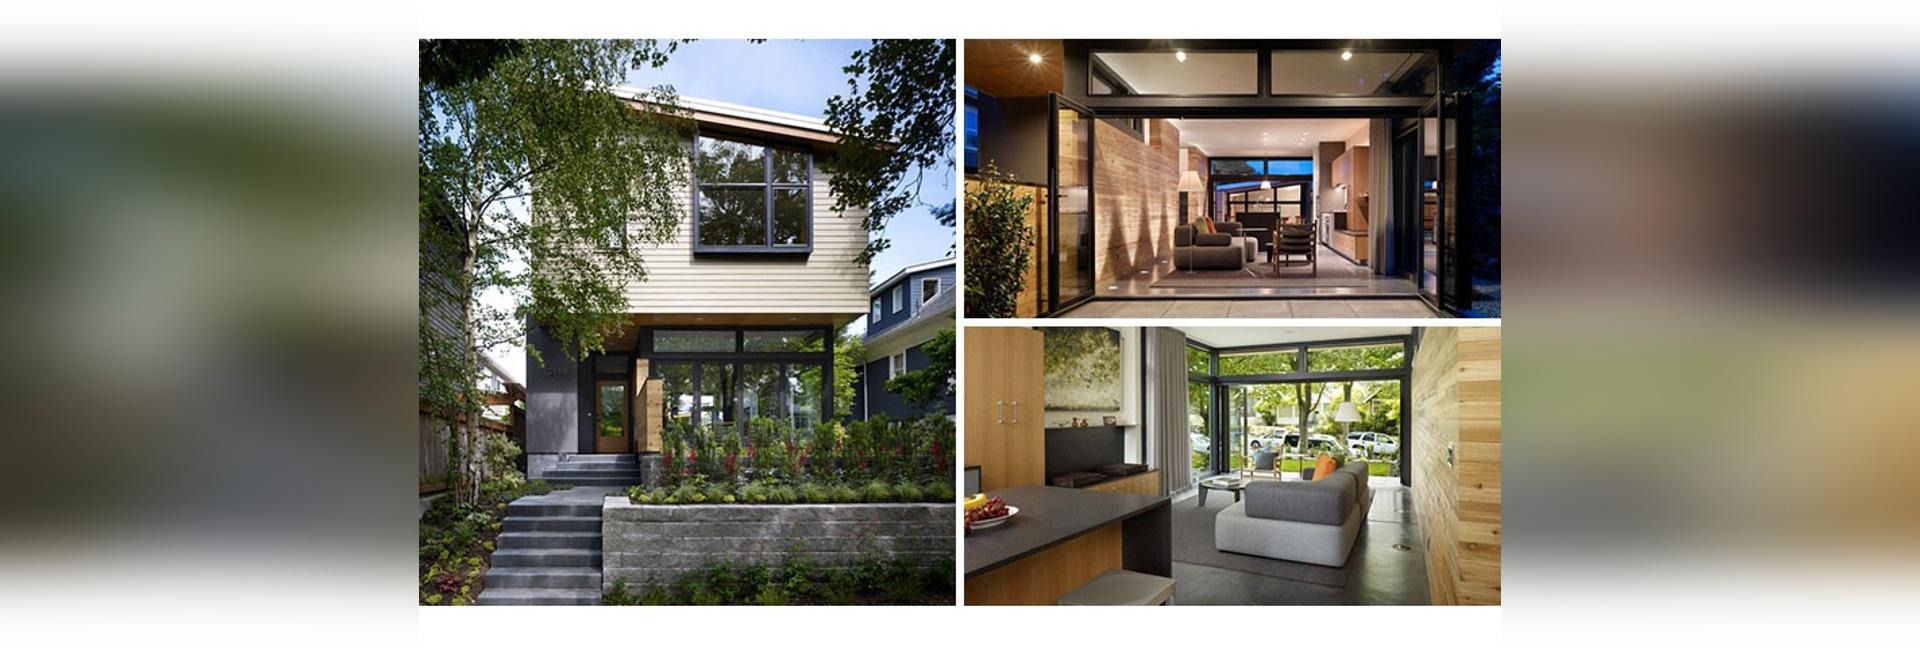 Ein einfaches Seattle-Haus für eine Familie, die mehr Raum benötigte ...